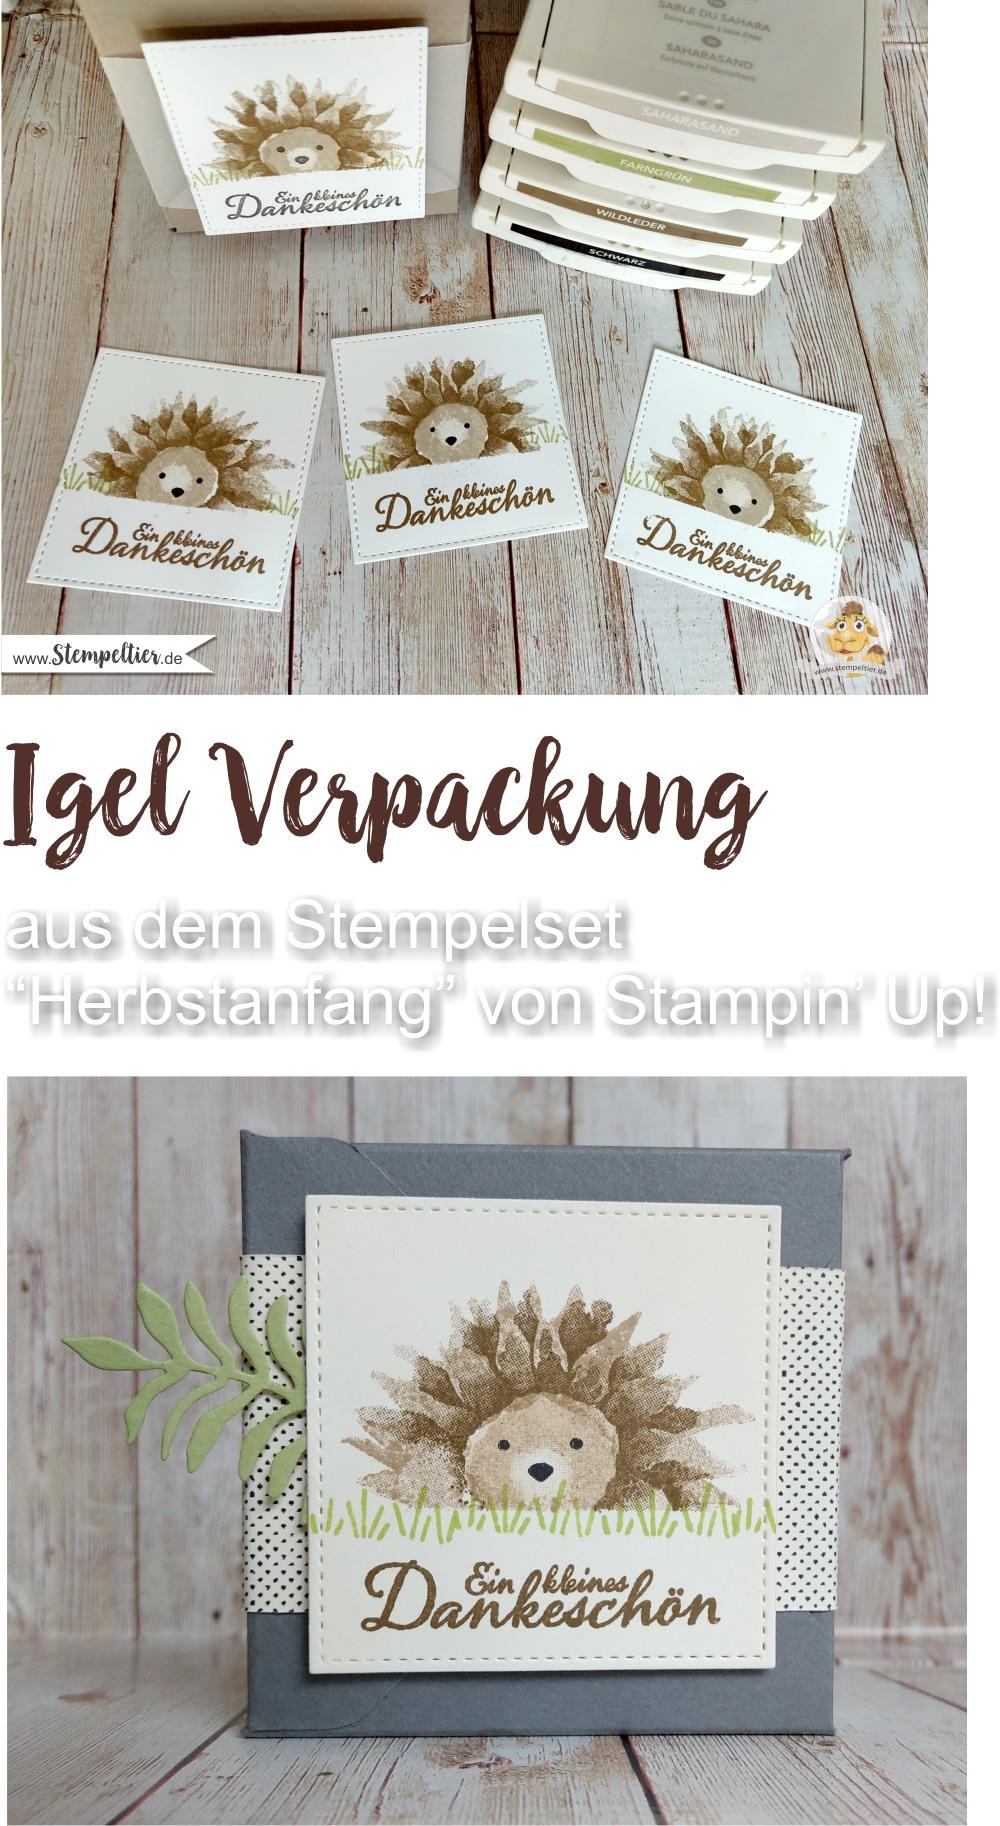 stampin up blog igel herbstanfang video anleitung hedgehog sunflower sonnenblume stempeltier herbst